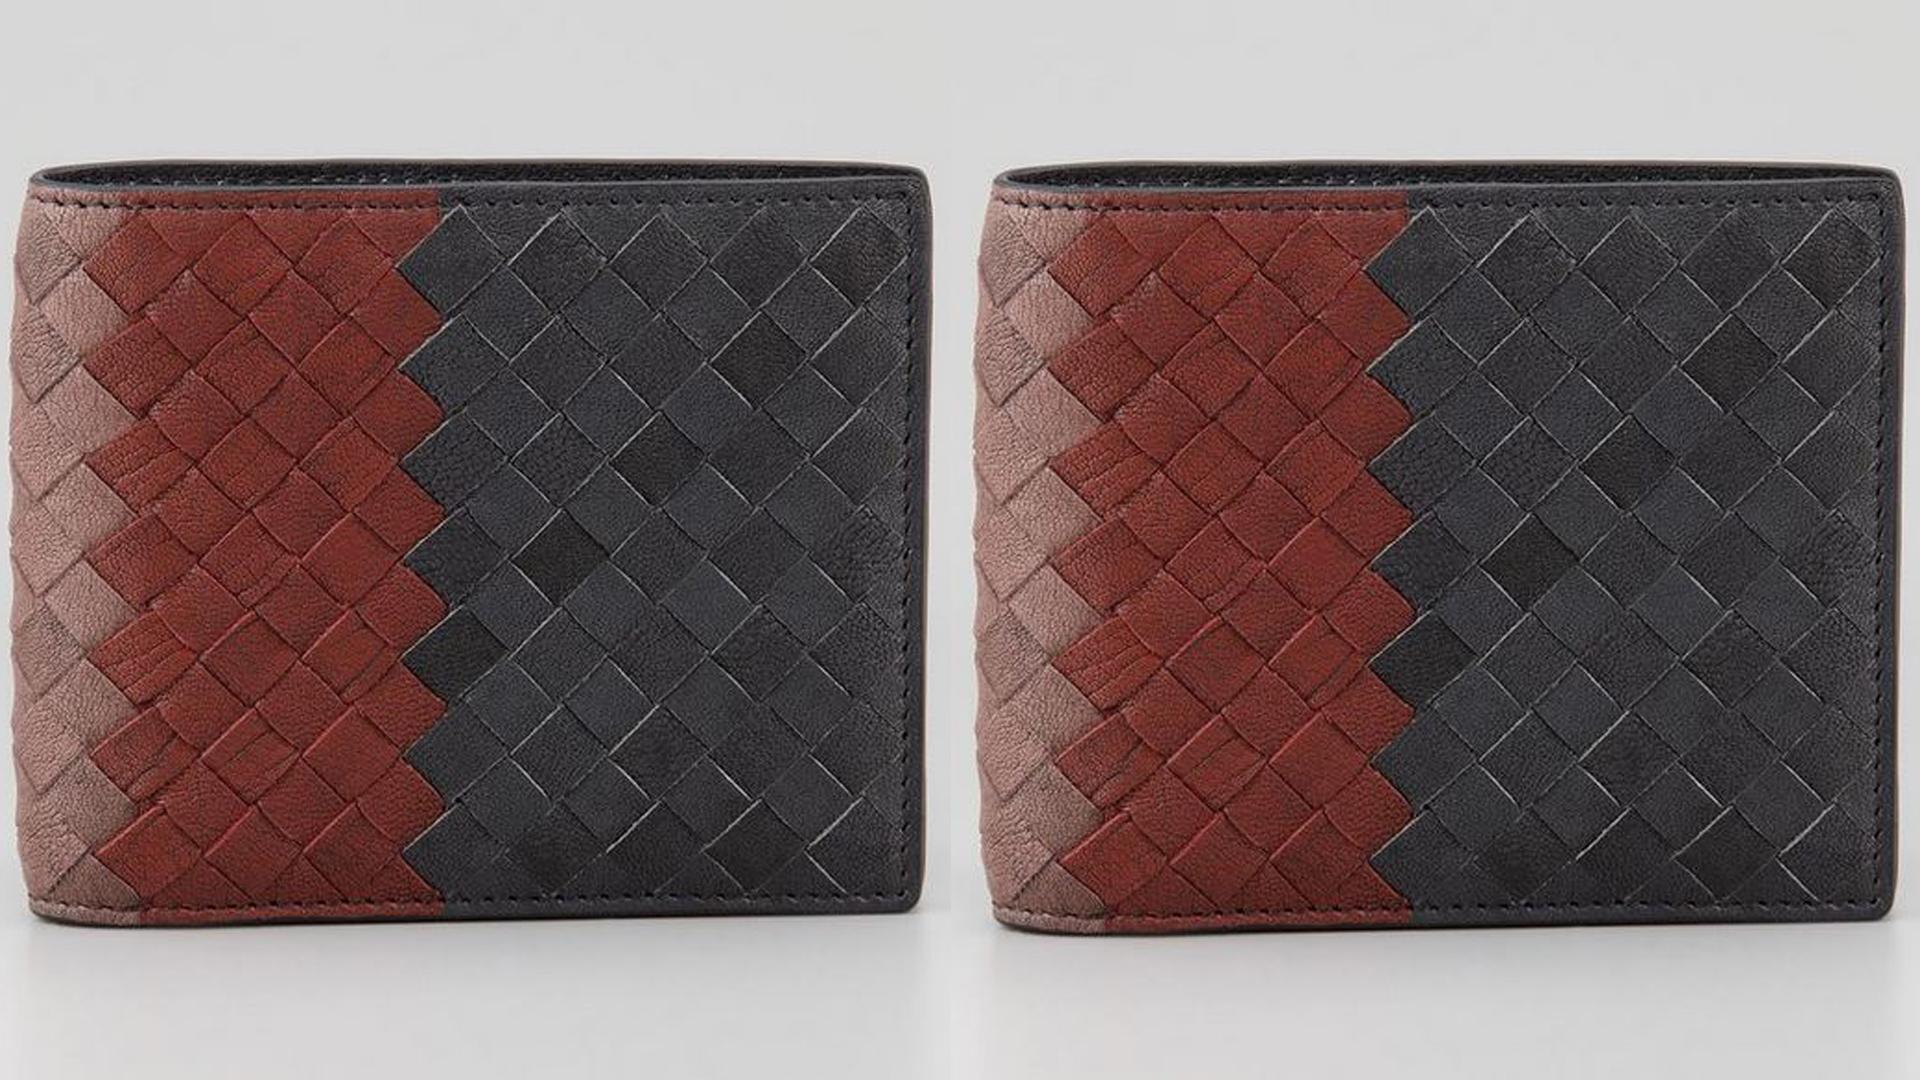 【メンズ】大学生に人気のおすすめ財布ブランド12選!3万円以下限定。